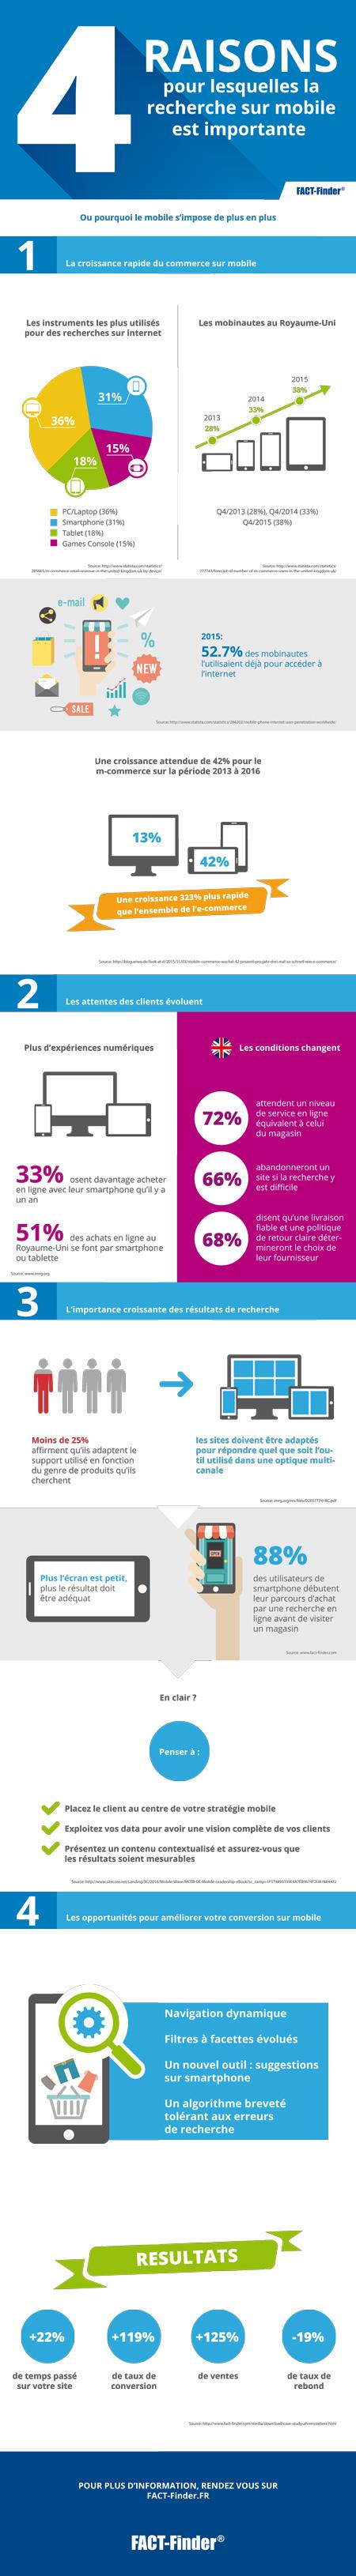 Infographie : L'importance du mobile